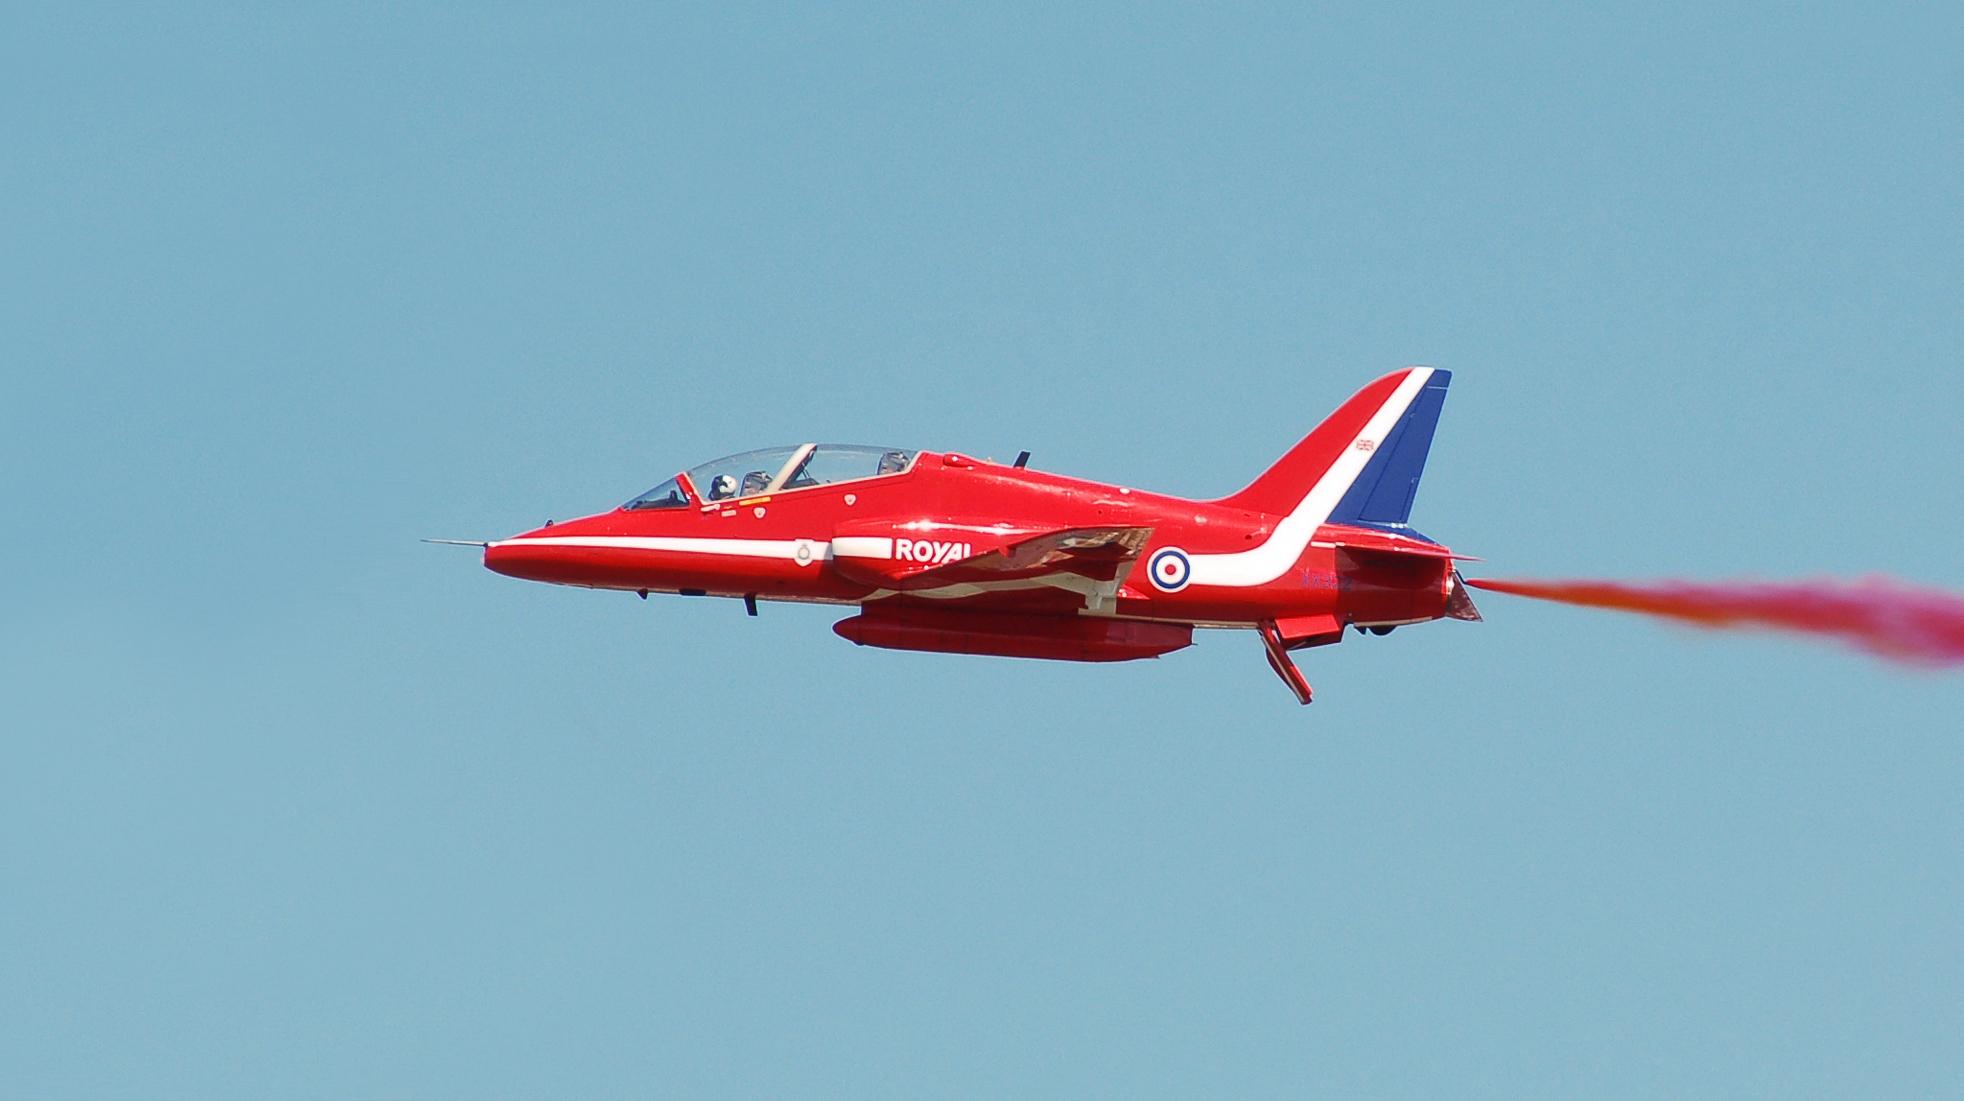 1964x1101 Filesingle Red Arrow